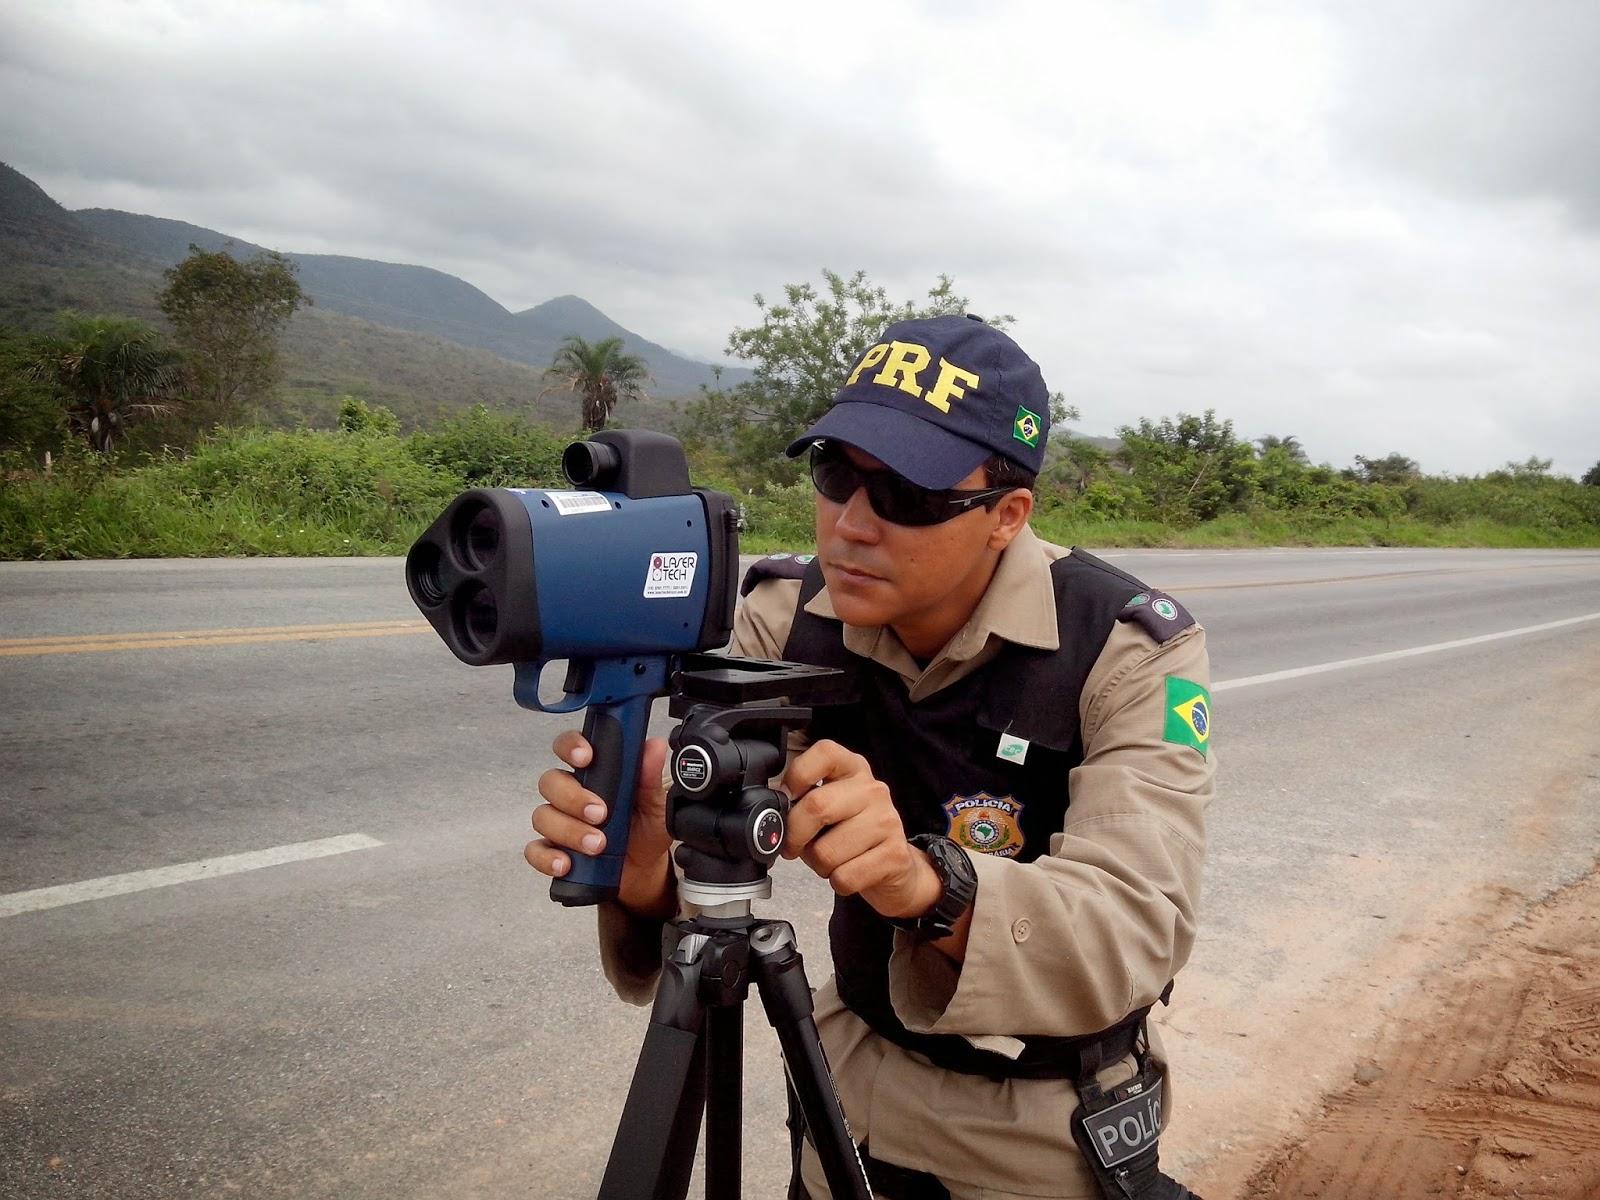 POLICIAL  NOVO RADAR DA PRF J   EST   SENDO UTILIZADO PELA DEL  10 04